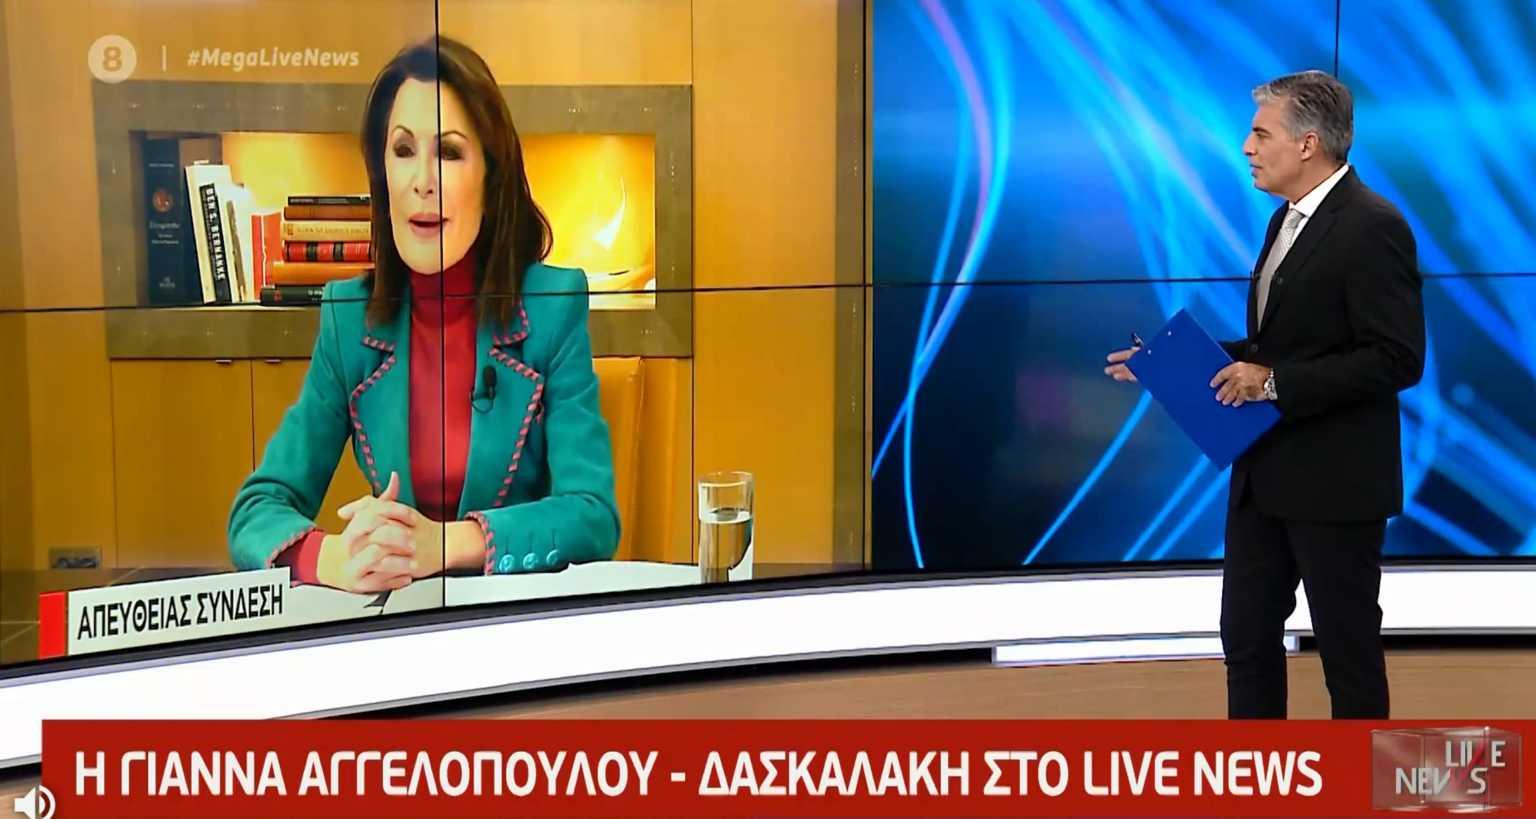 Γιάννα Αγγελοπούλου – Δασκαλάκη στο Live News: Επανακυκλοφορούν ο φοίνικας του 1828 και η πρώτη δραχμή του 1833! (video)